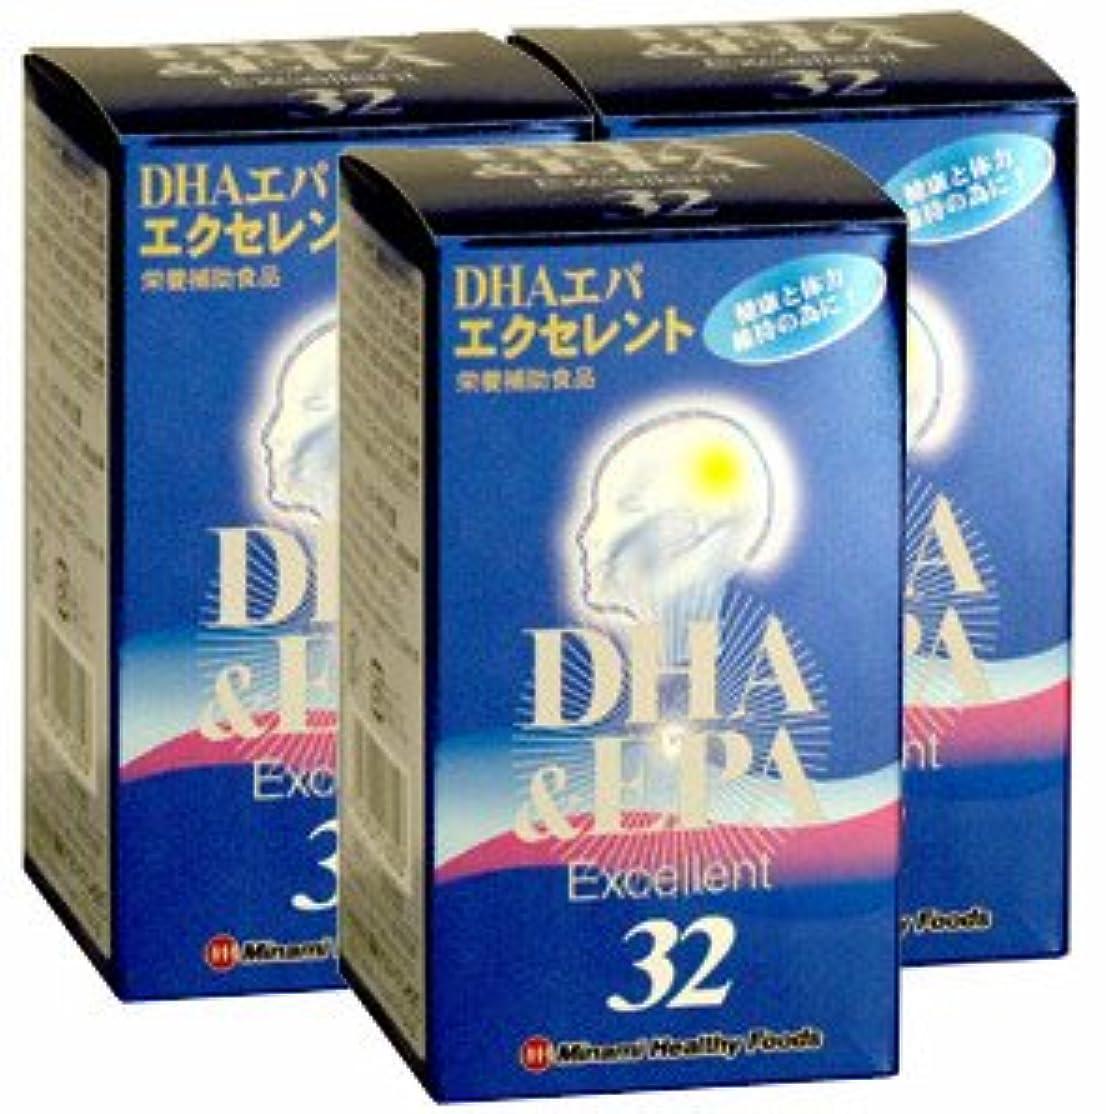 ディスク相対サイズニッケルDHAエパエクセレント32【3本セット】ミナミヘルシーフーズ